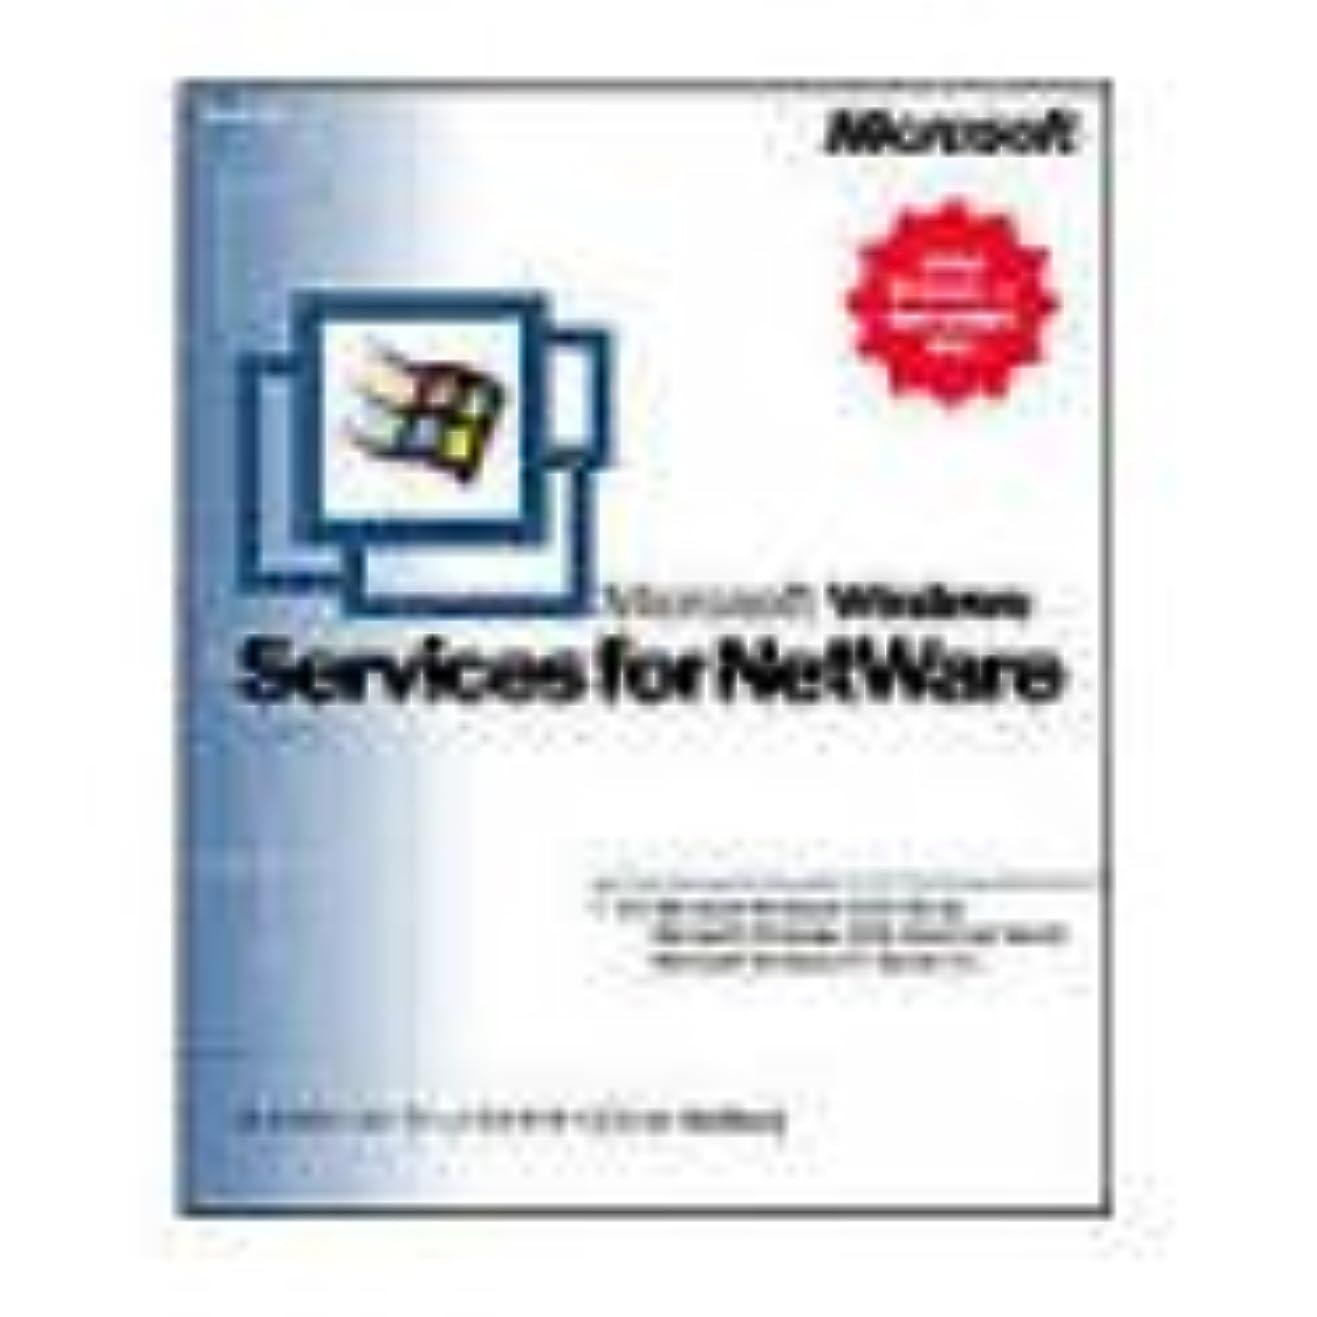 唯物論地下鉄たまに【旧商品】Microsoft Windows Service for NetWare 5.0 日本語版